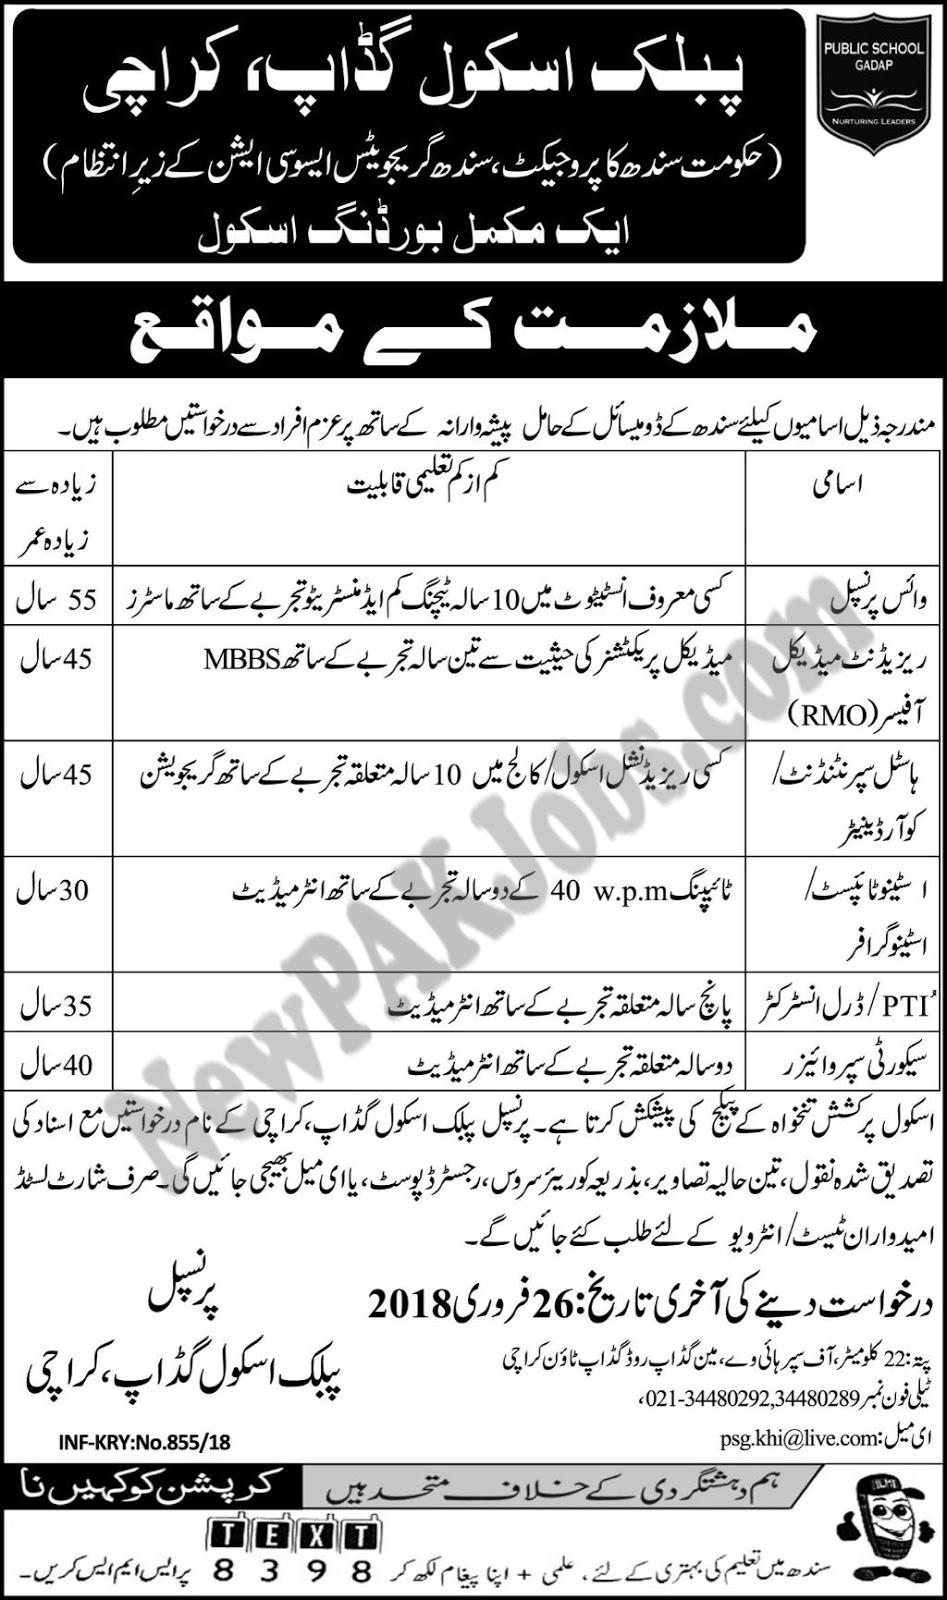 Latest Jobs in Public School Good up, Today 2018 New Vacancies in Karachi